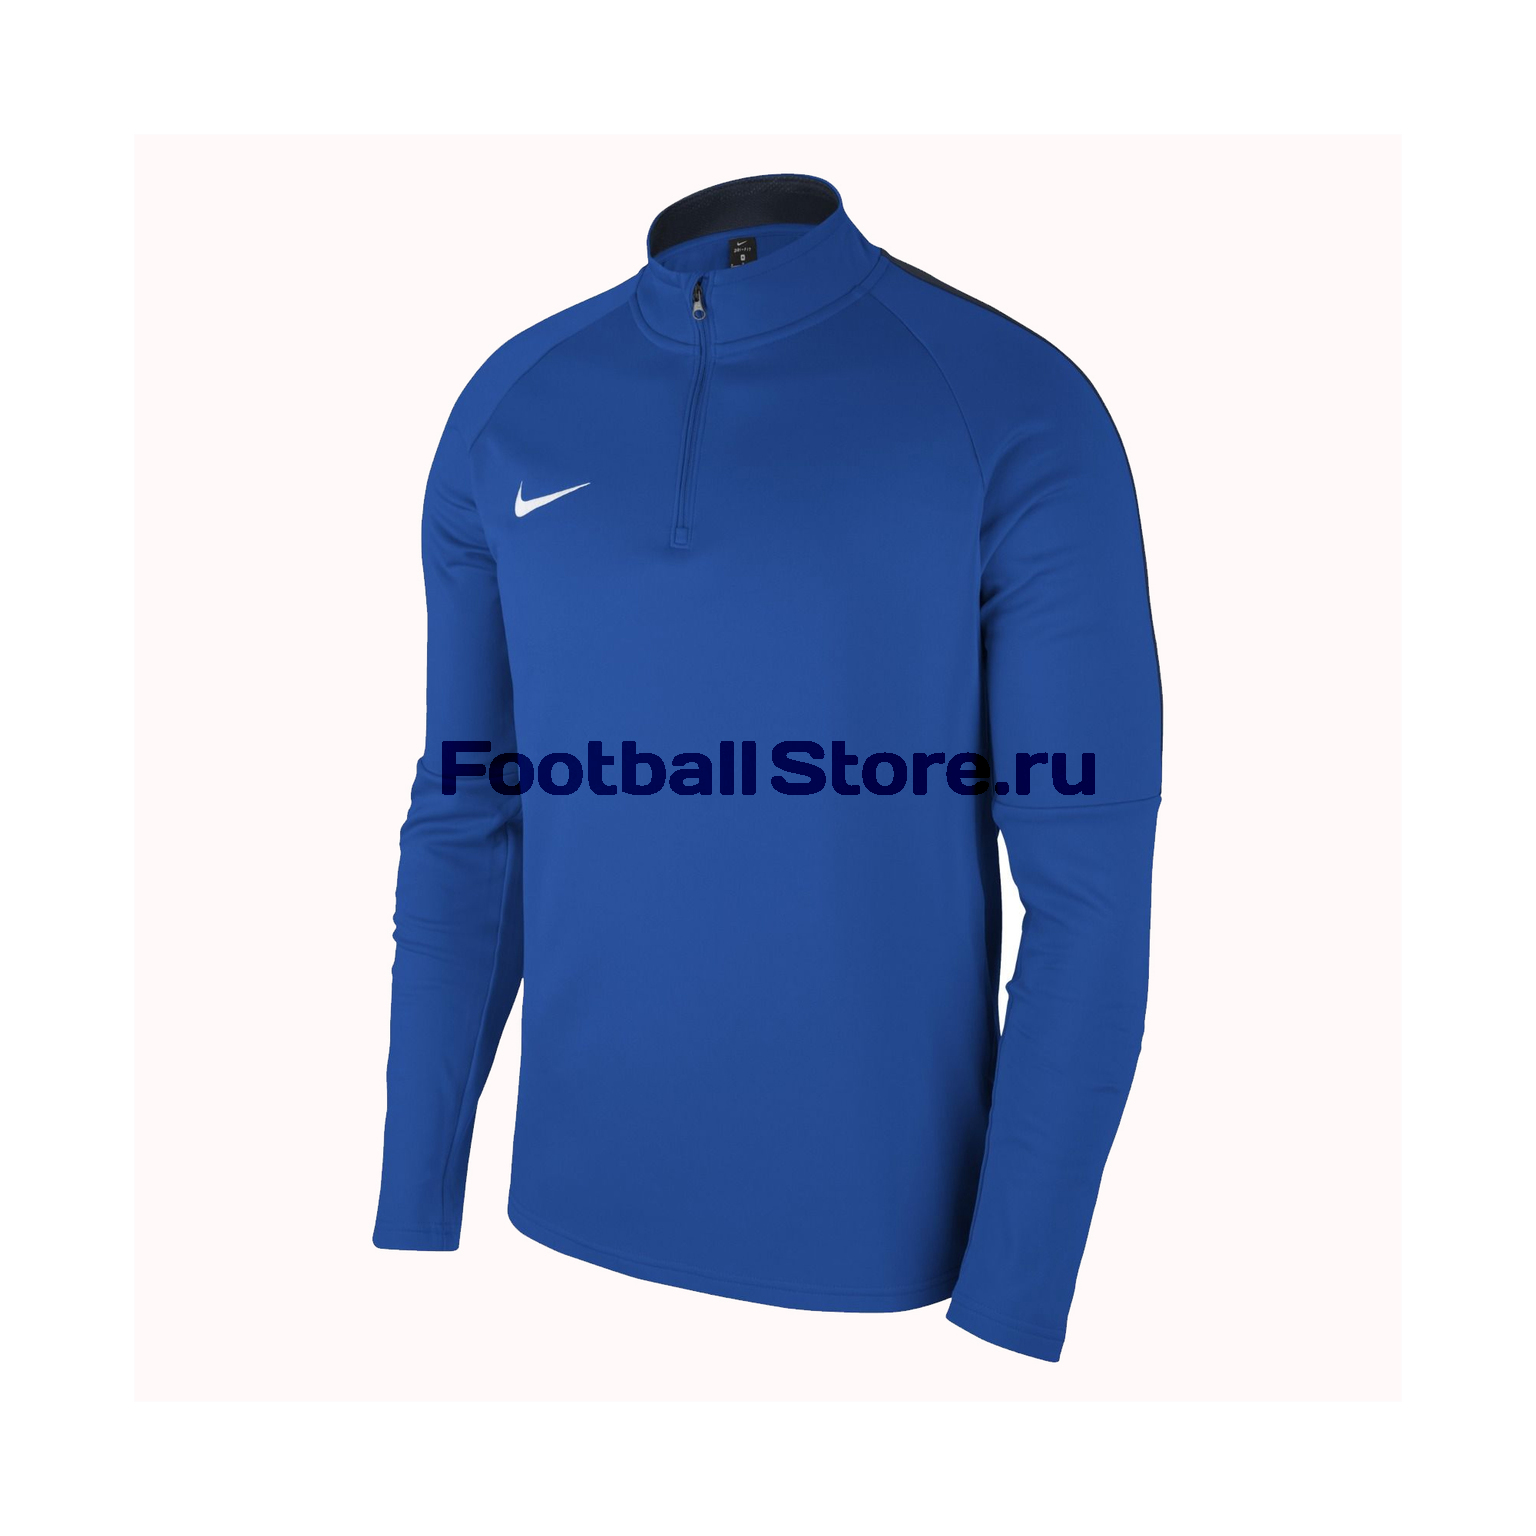 цена на Свитер тренировочный подростковый Nike Dry Academy 893744-463